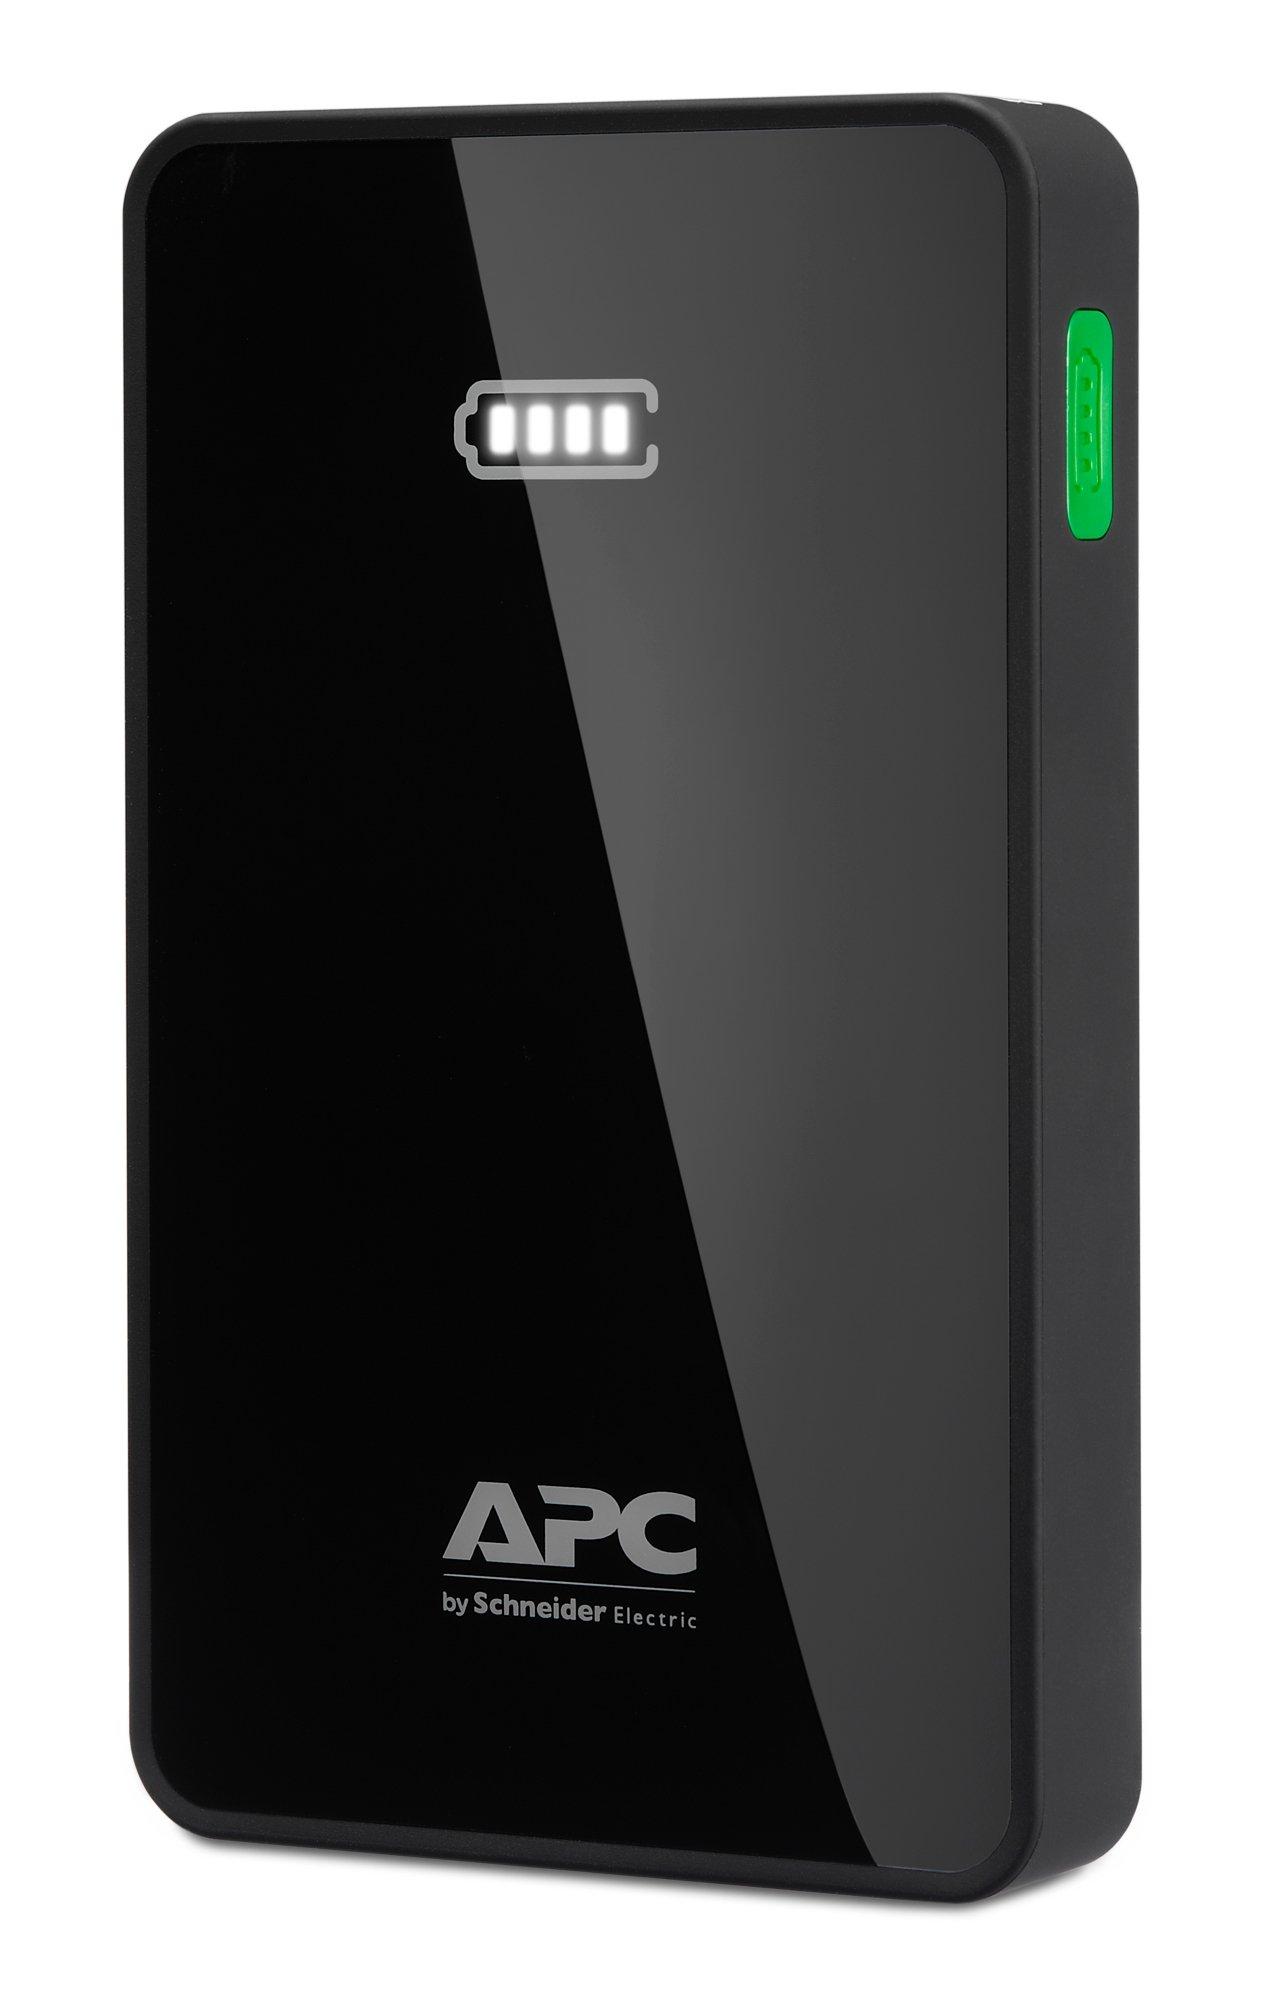 APC Mobile Power Pack 10000mAh M10BK-EC